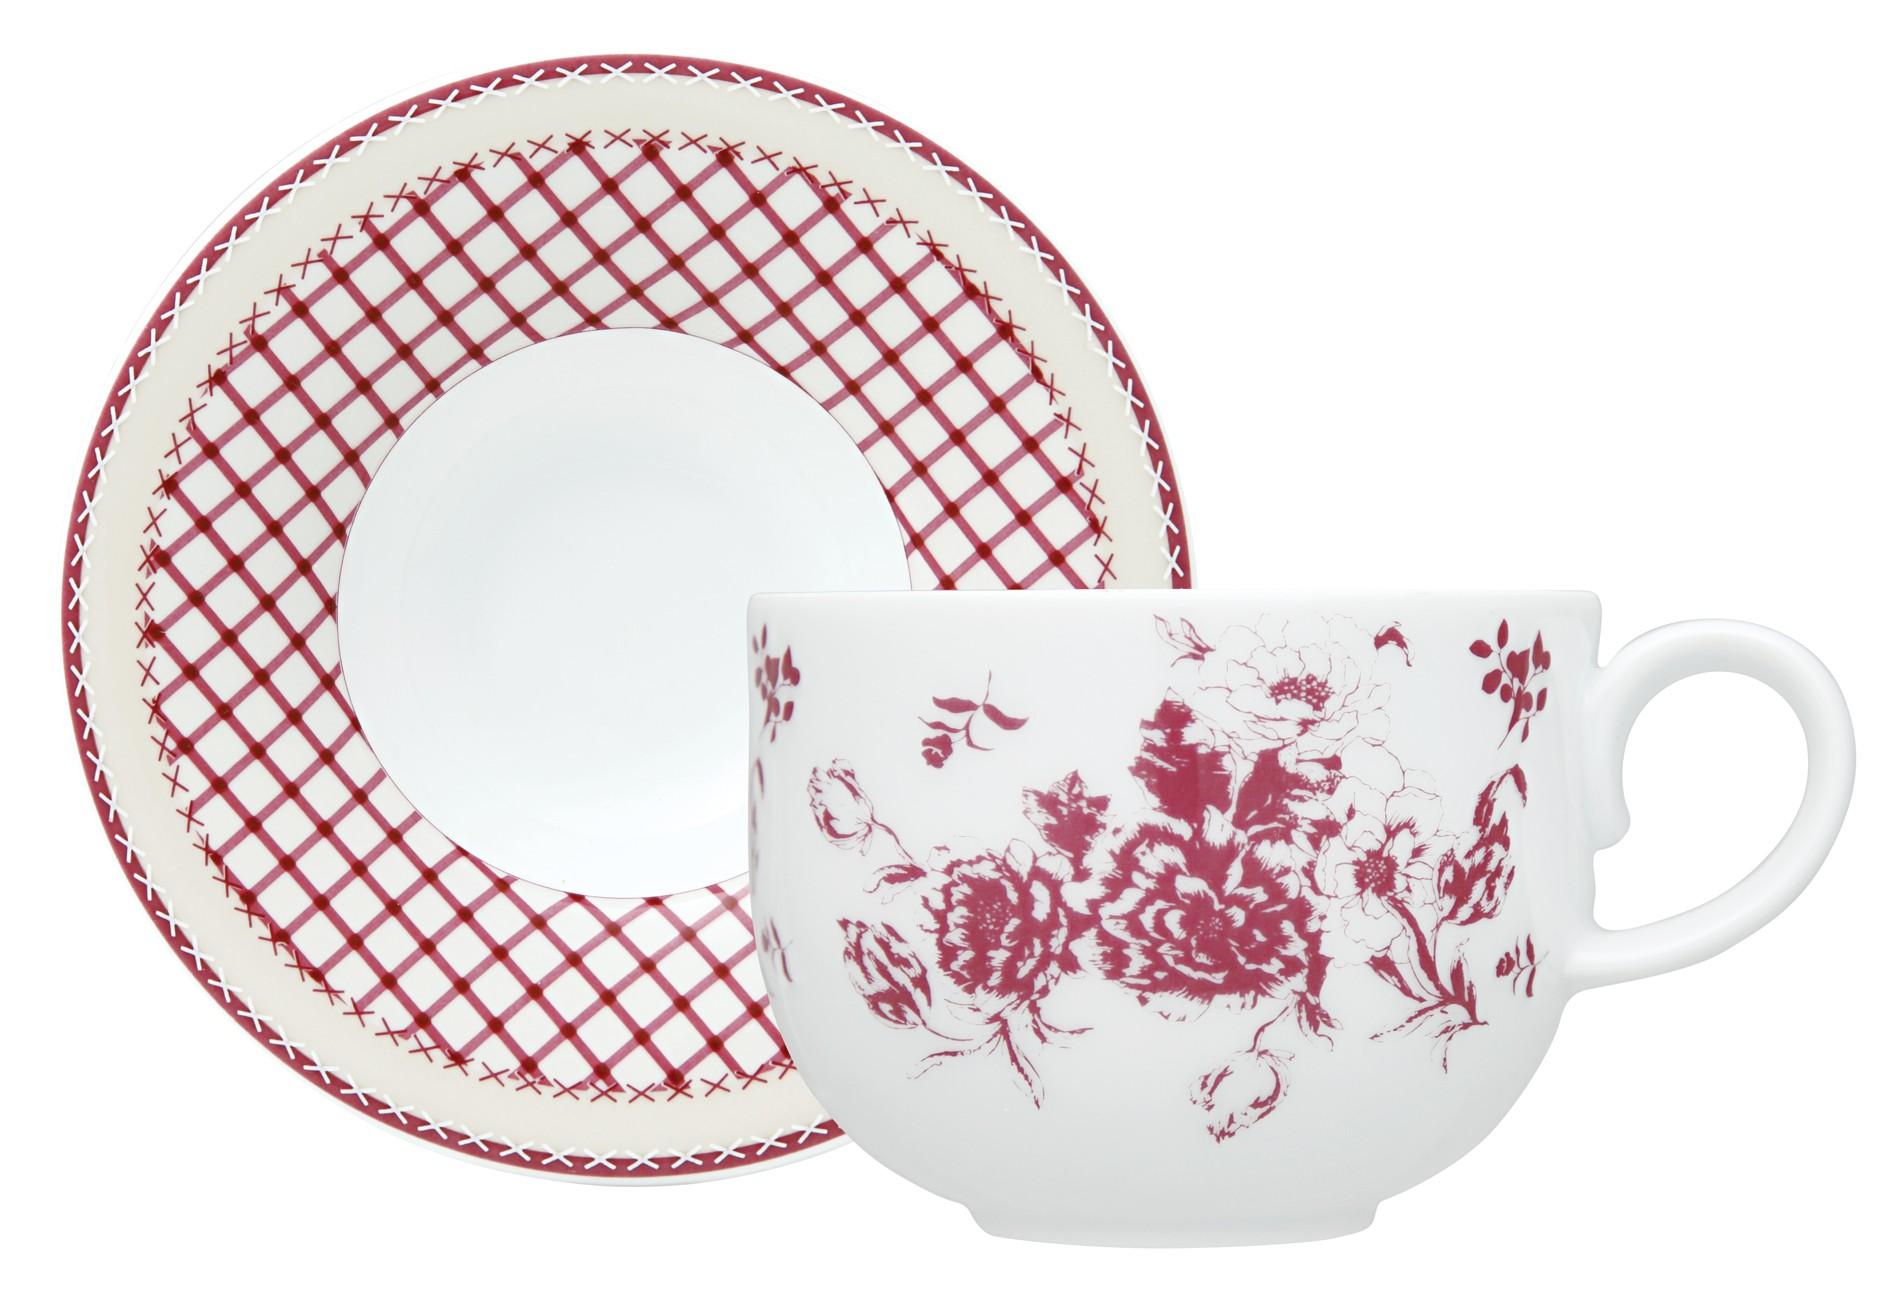 Φλυτζάνι & Πιάτο Τσαγιού Εξοχή Σετ 6τμχ Ionia home   ειδη cafe τσαϊ   κούπες   φλυτζάνια